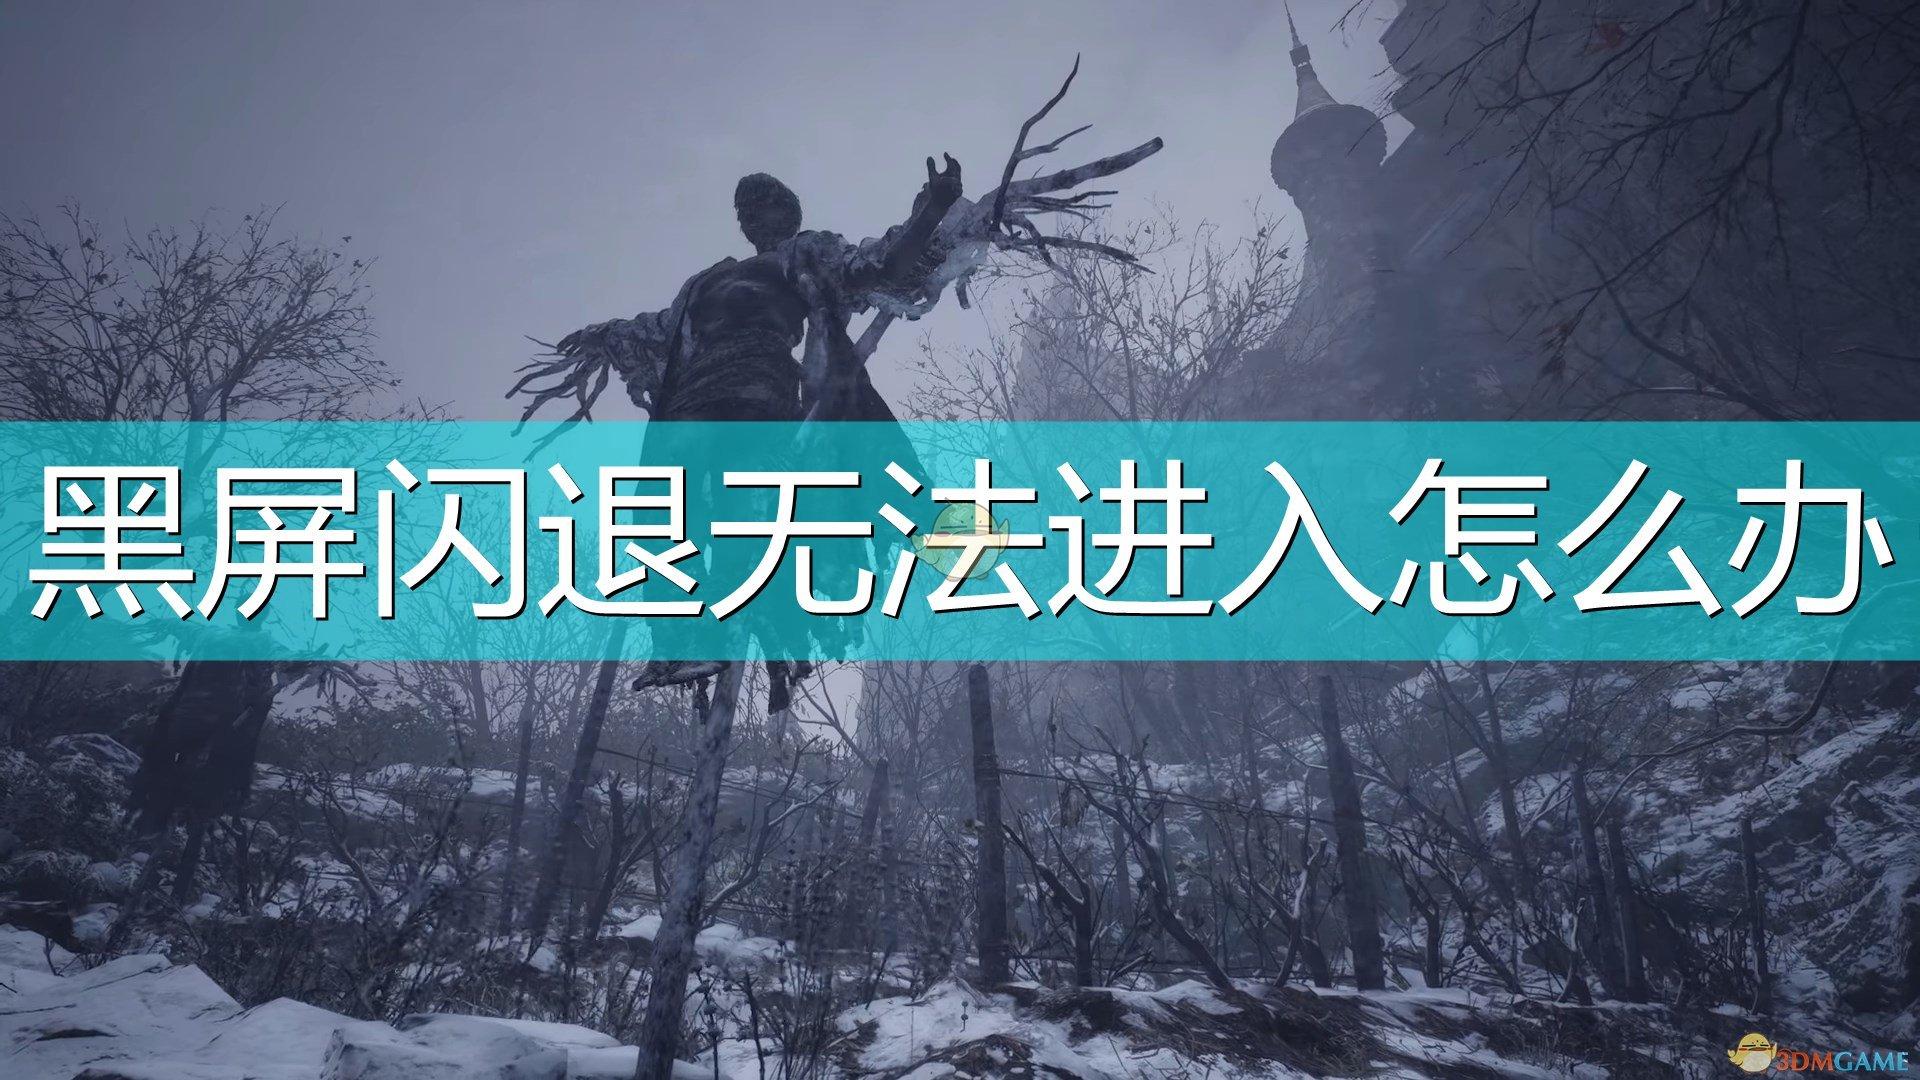 《生化危机8:村庄》无法进入游戏解决方法介绍